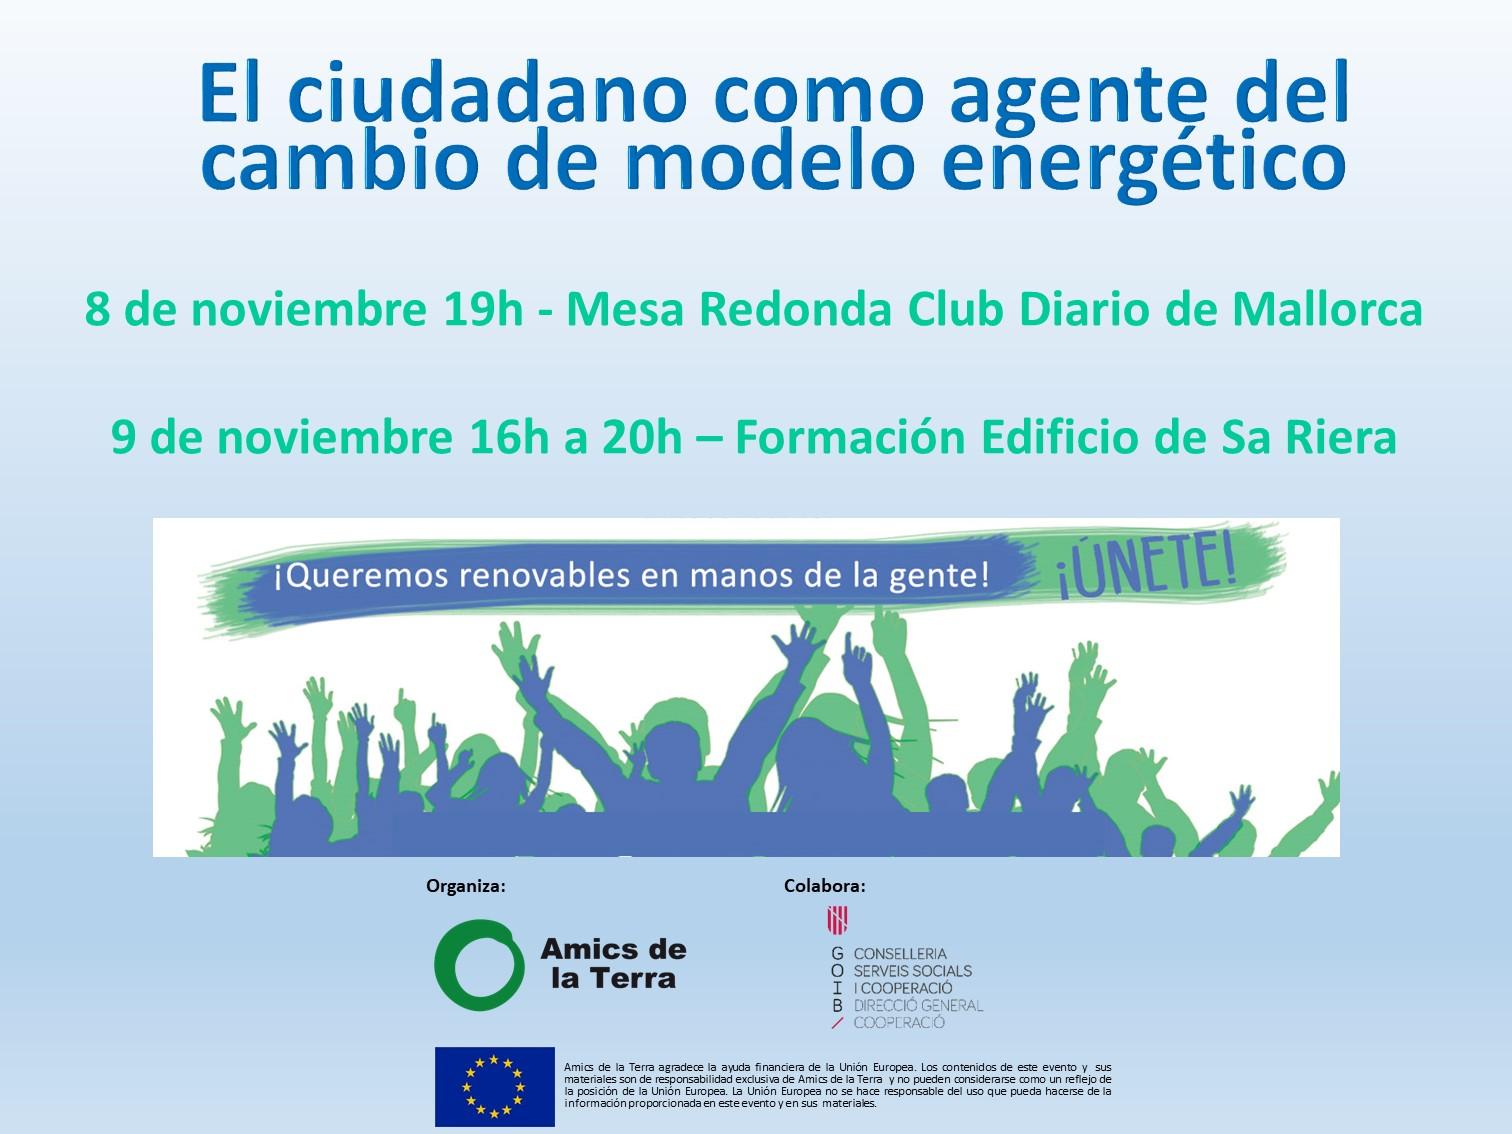 Ir a Mallorca: El ciudadano como agente del cambio de modelo energético